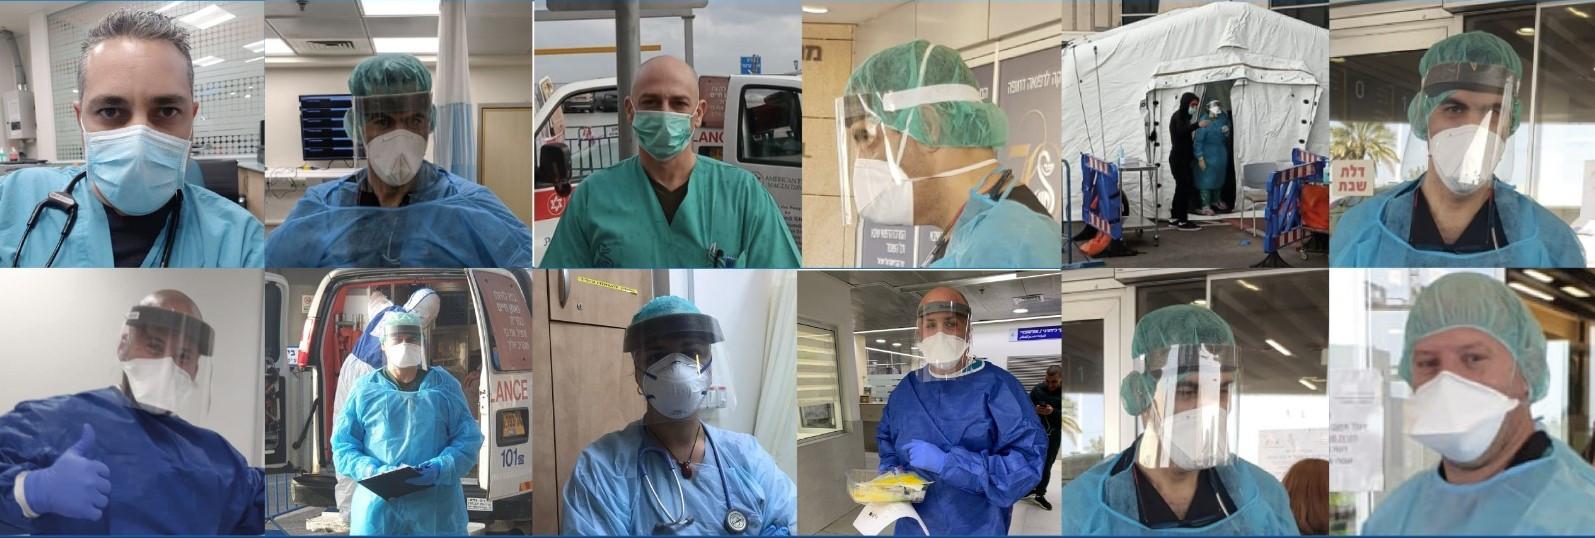 עזורי רופא קורונה.jpg